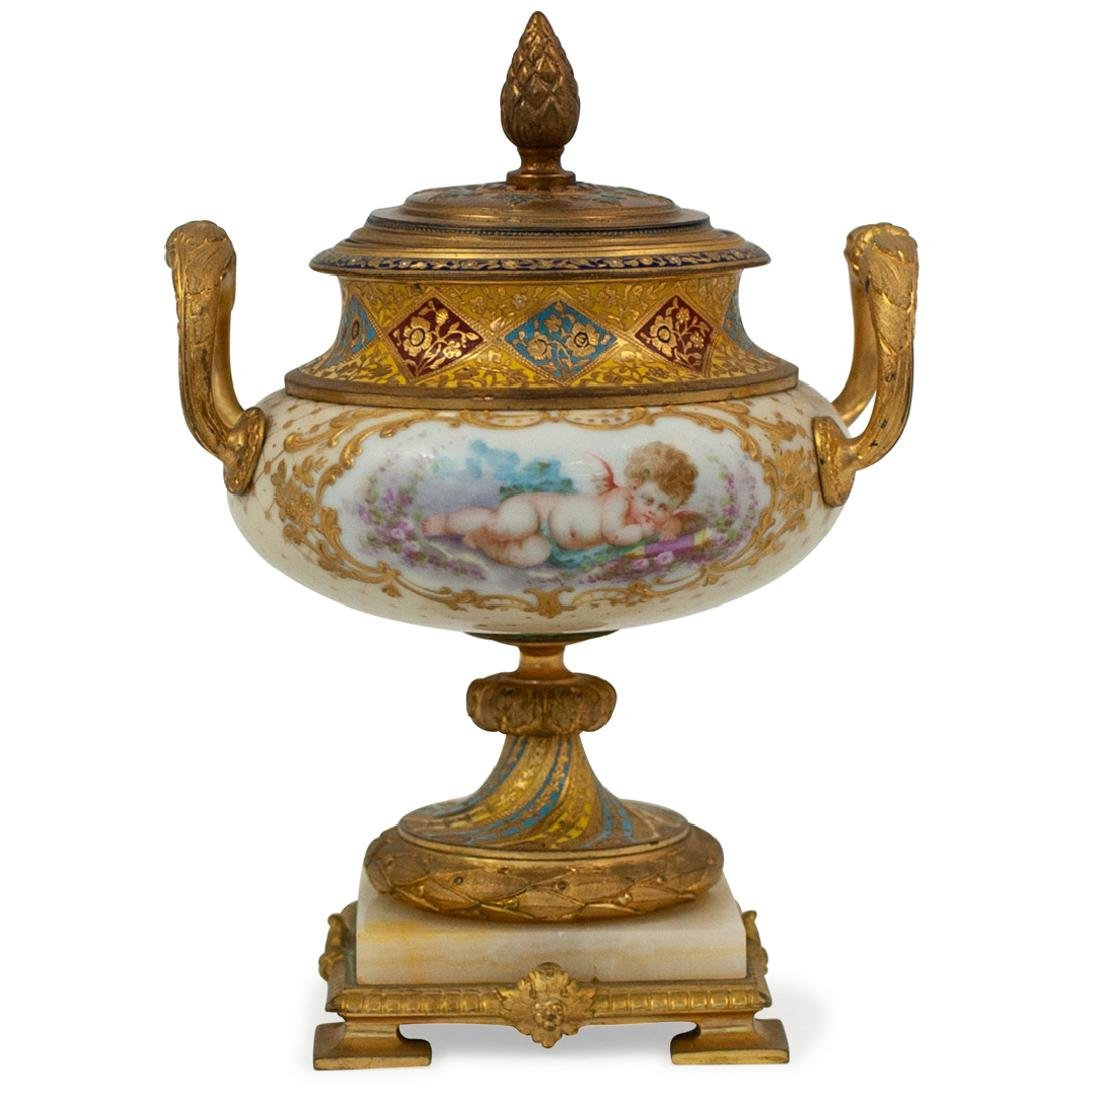 Antique French Gilt and Porcelain Lidded Urn